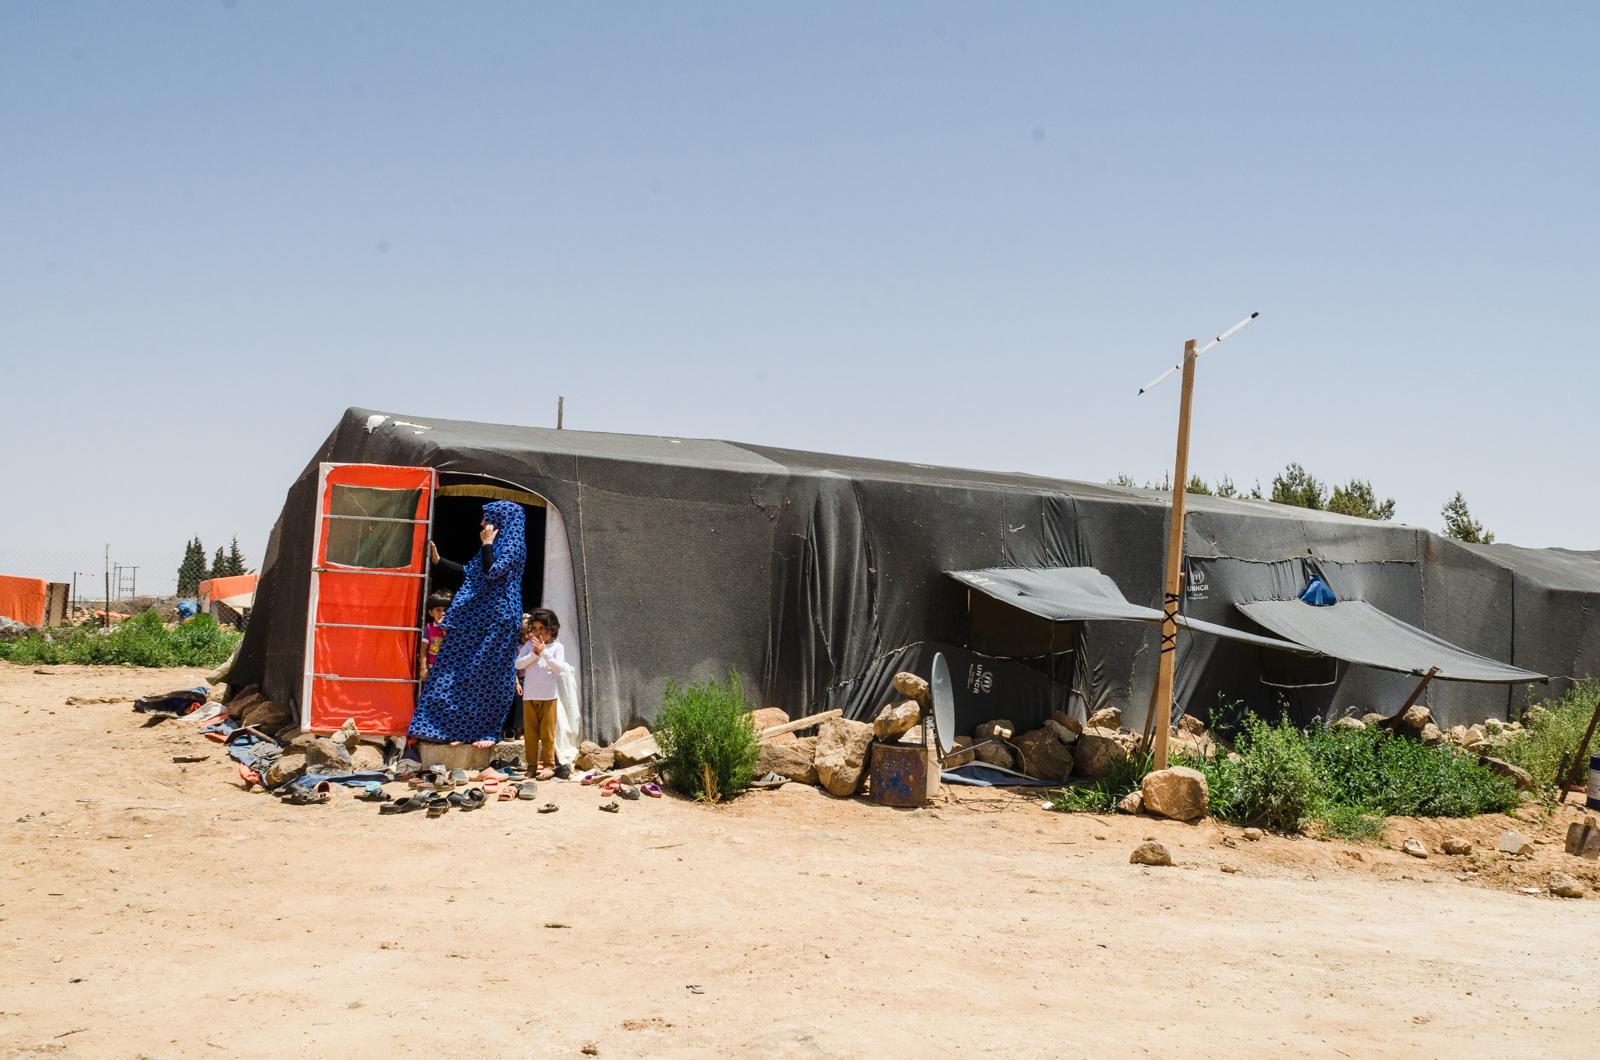 Al Mafraq, Giordania. Luglio 2018. L'accampamento di una decina di tende in cui vivono alcuni dei braccianti che lavorano per Abu Hamza è situato a pochi minuti di macchina dai campi. Non c'è acqua corrente, ma ci sono alcuni generatori elettrici.